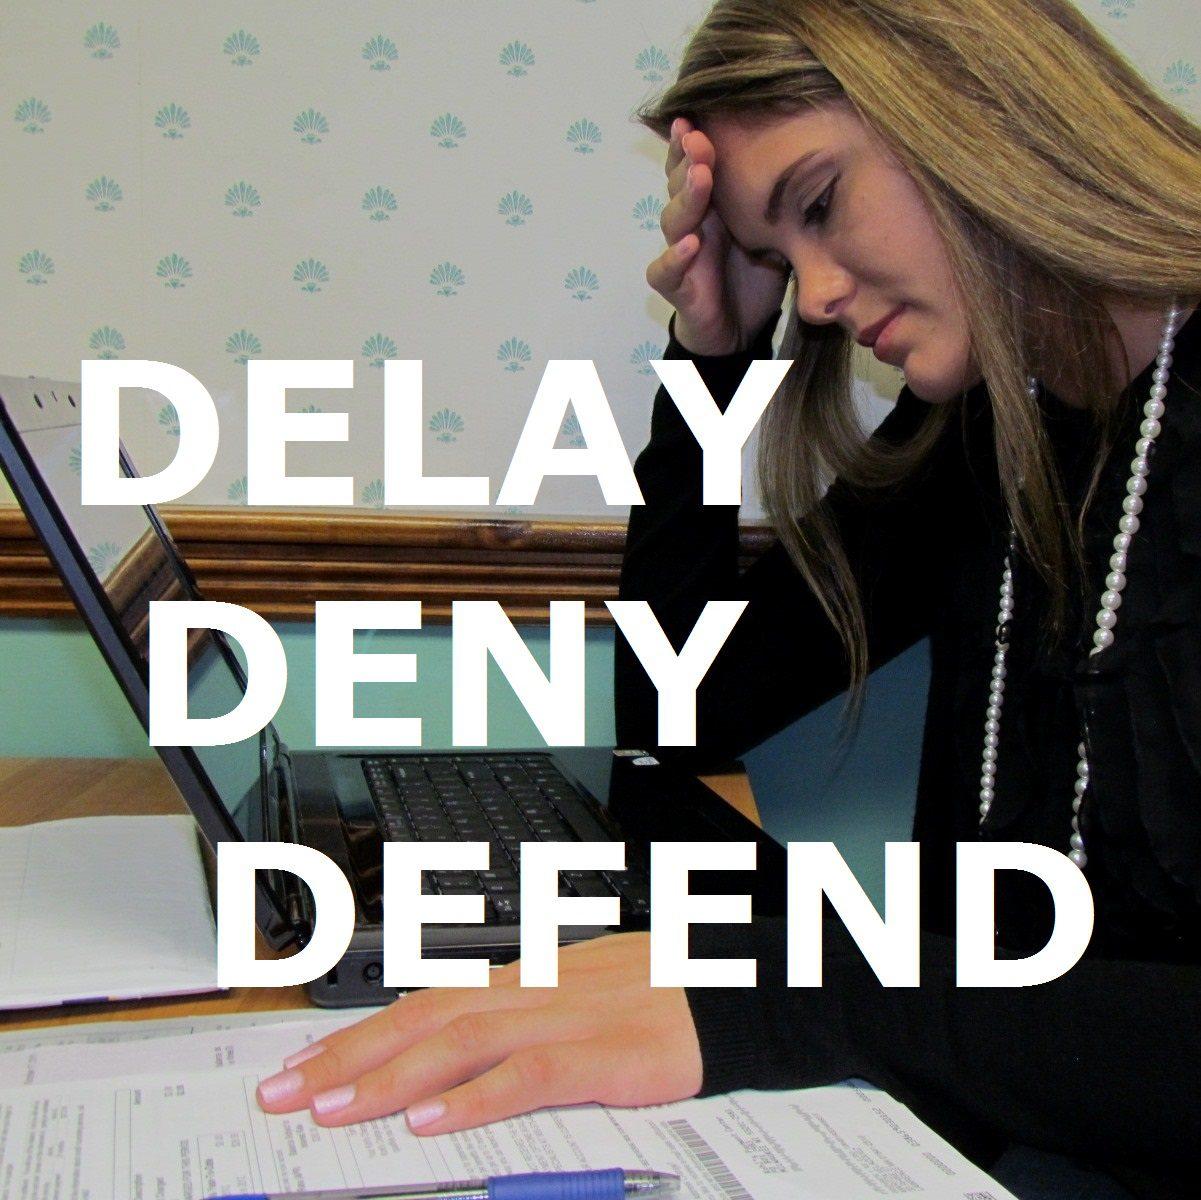 Delay, Deny, Defend